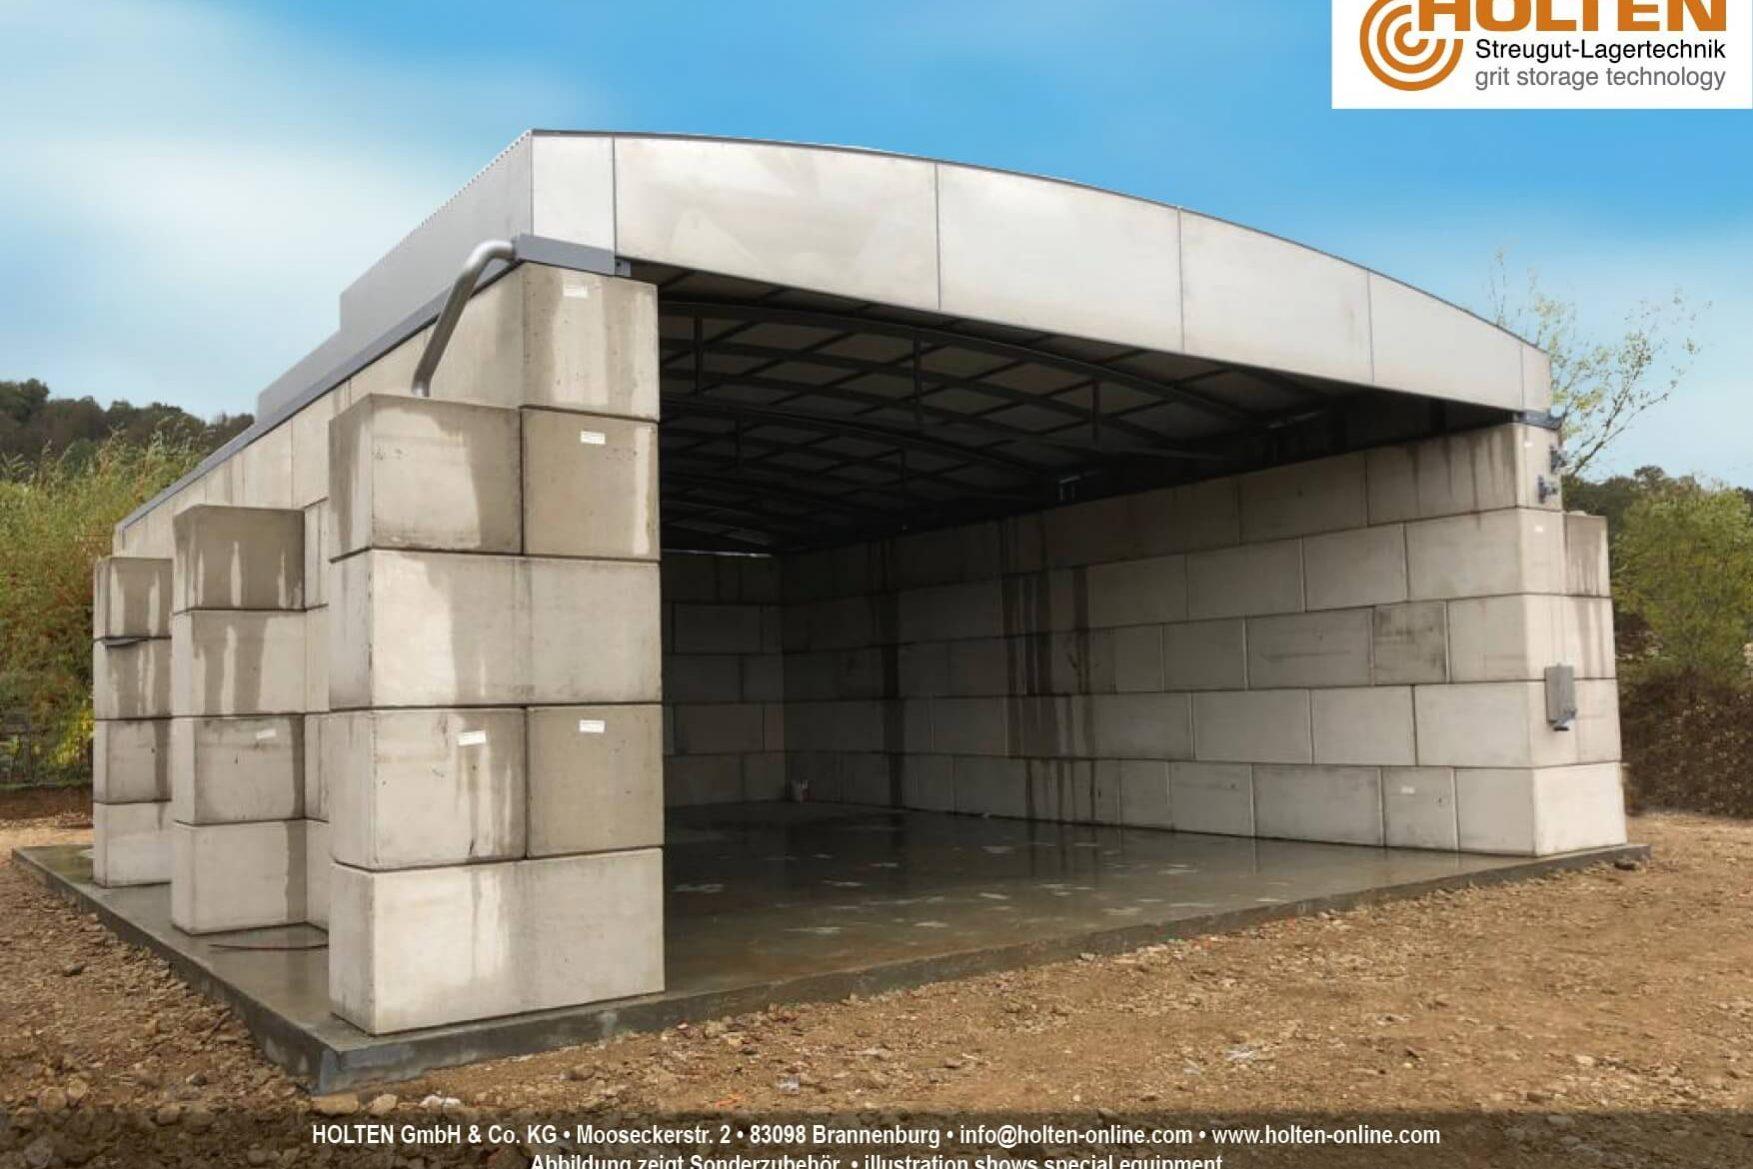 Offener Betonblock mit verschiebbarem Dach